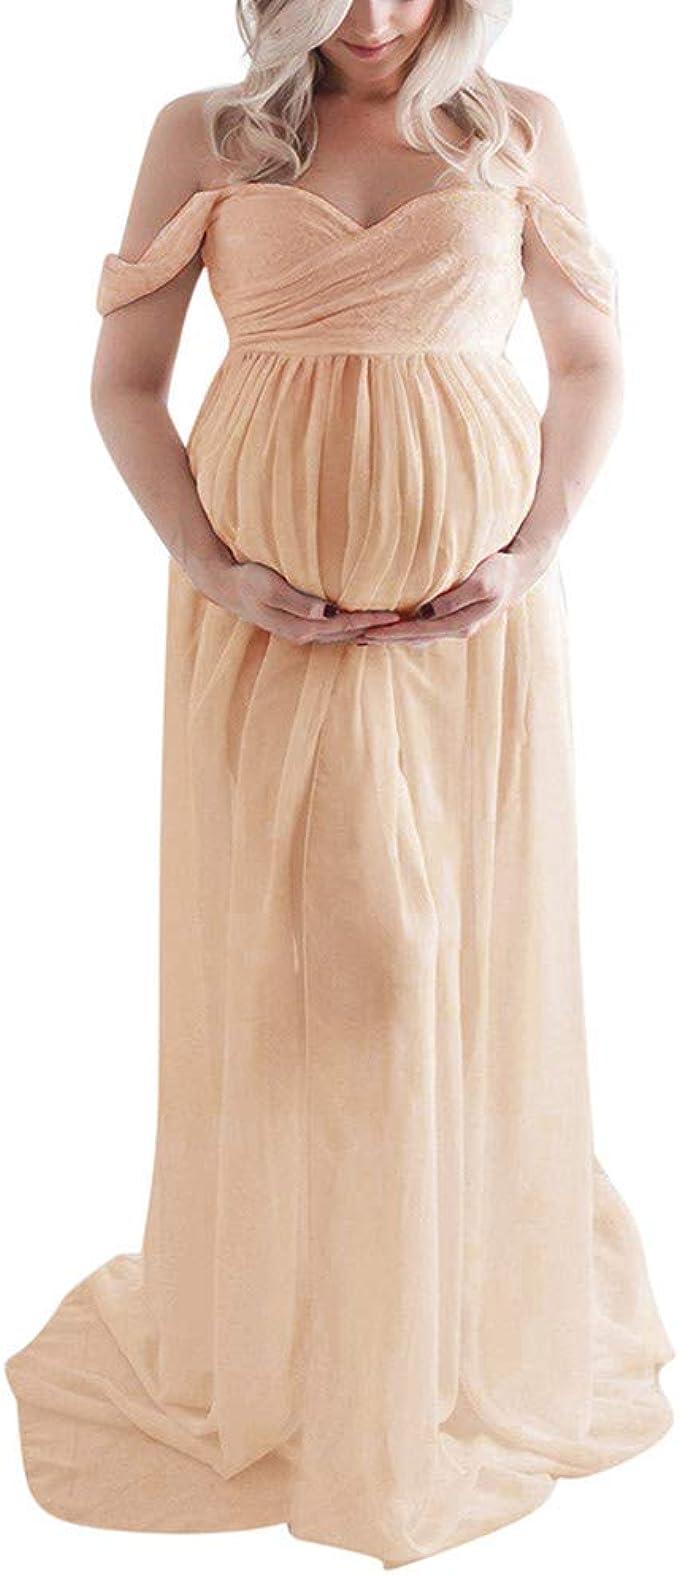 Muamaly Umstandskleid Fotoshooting, Umstandsmode Damen Kleider Schulterfrei  Lang Maxi Festlich Elegant Schwangerschaft Kleid für Schwangere